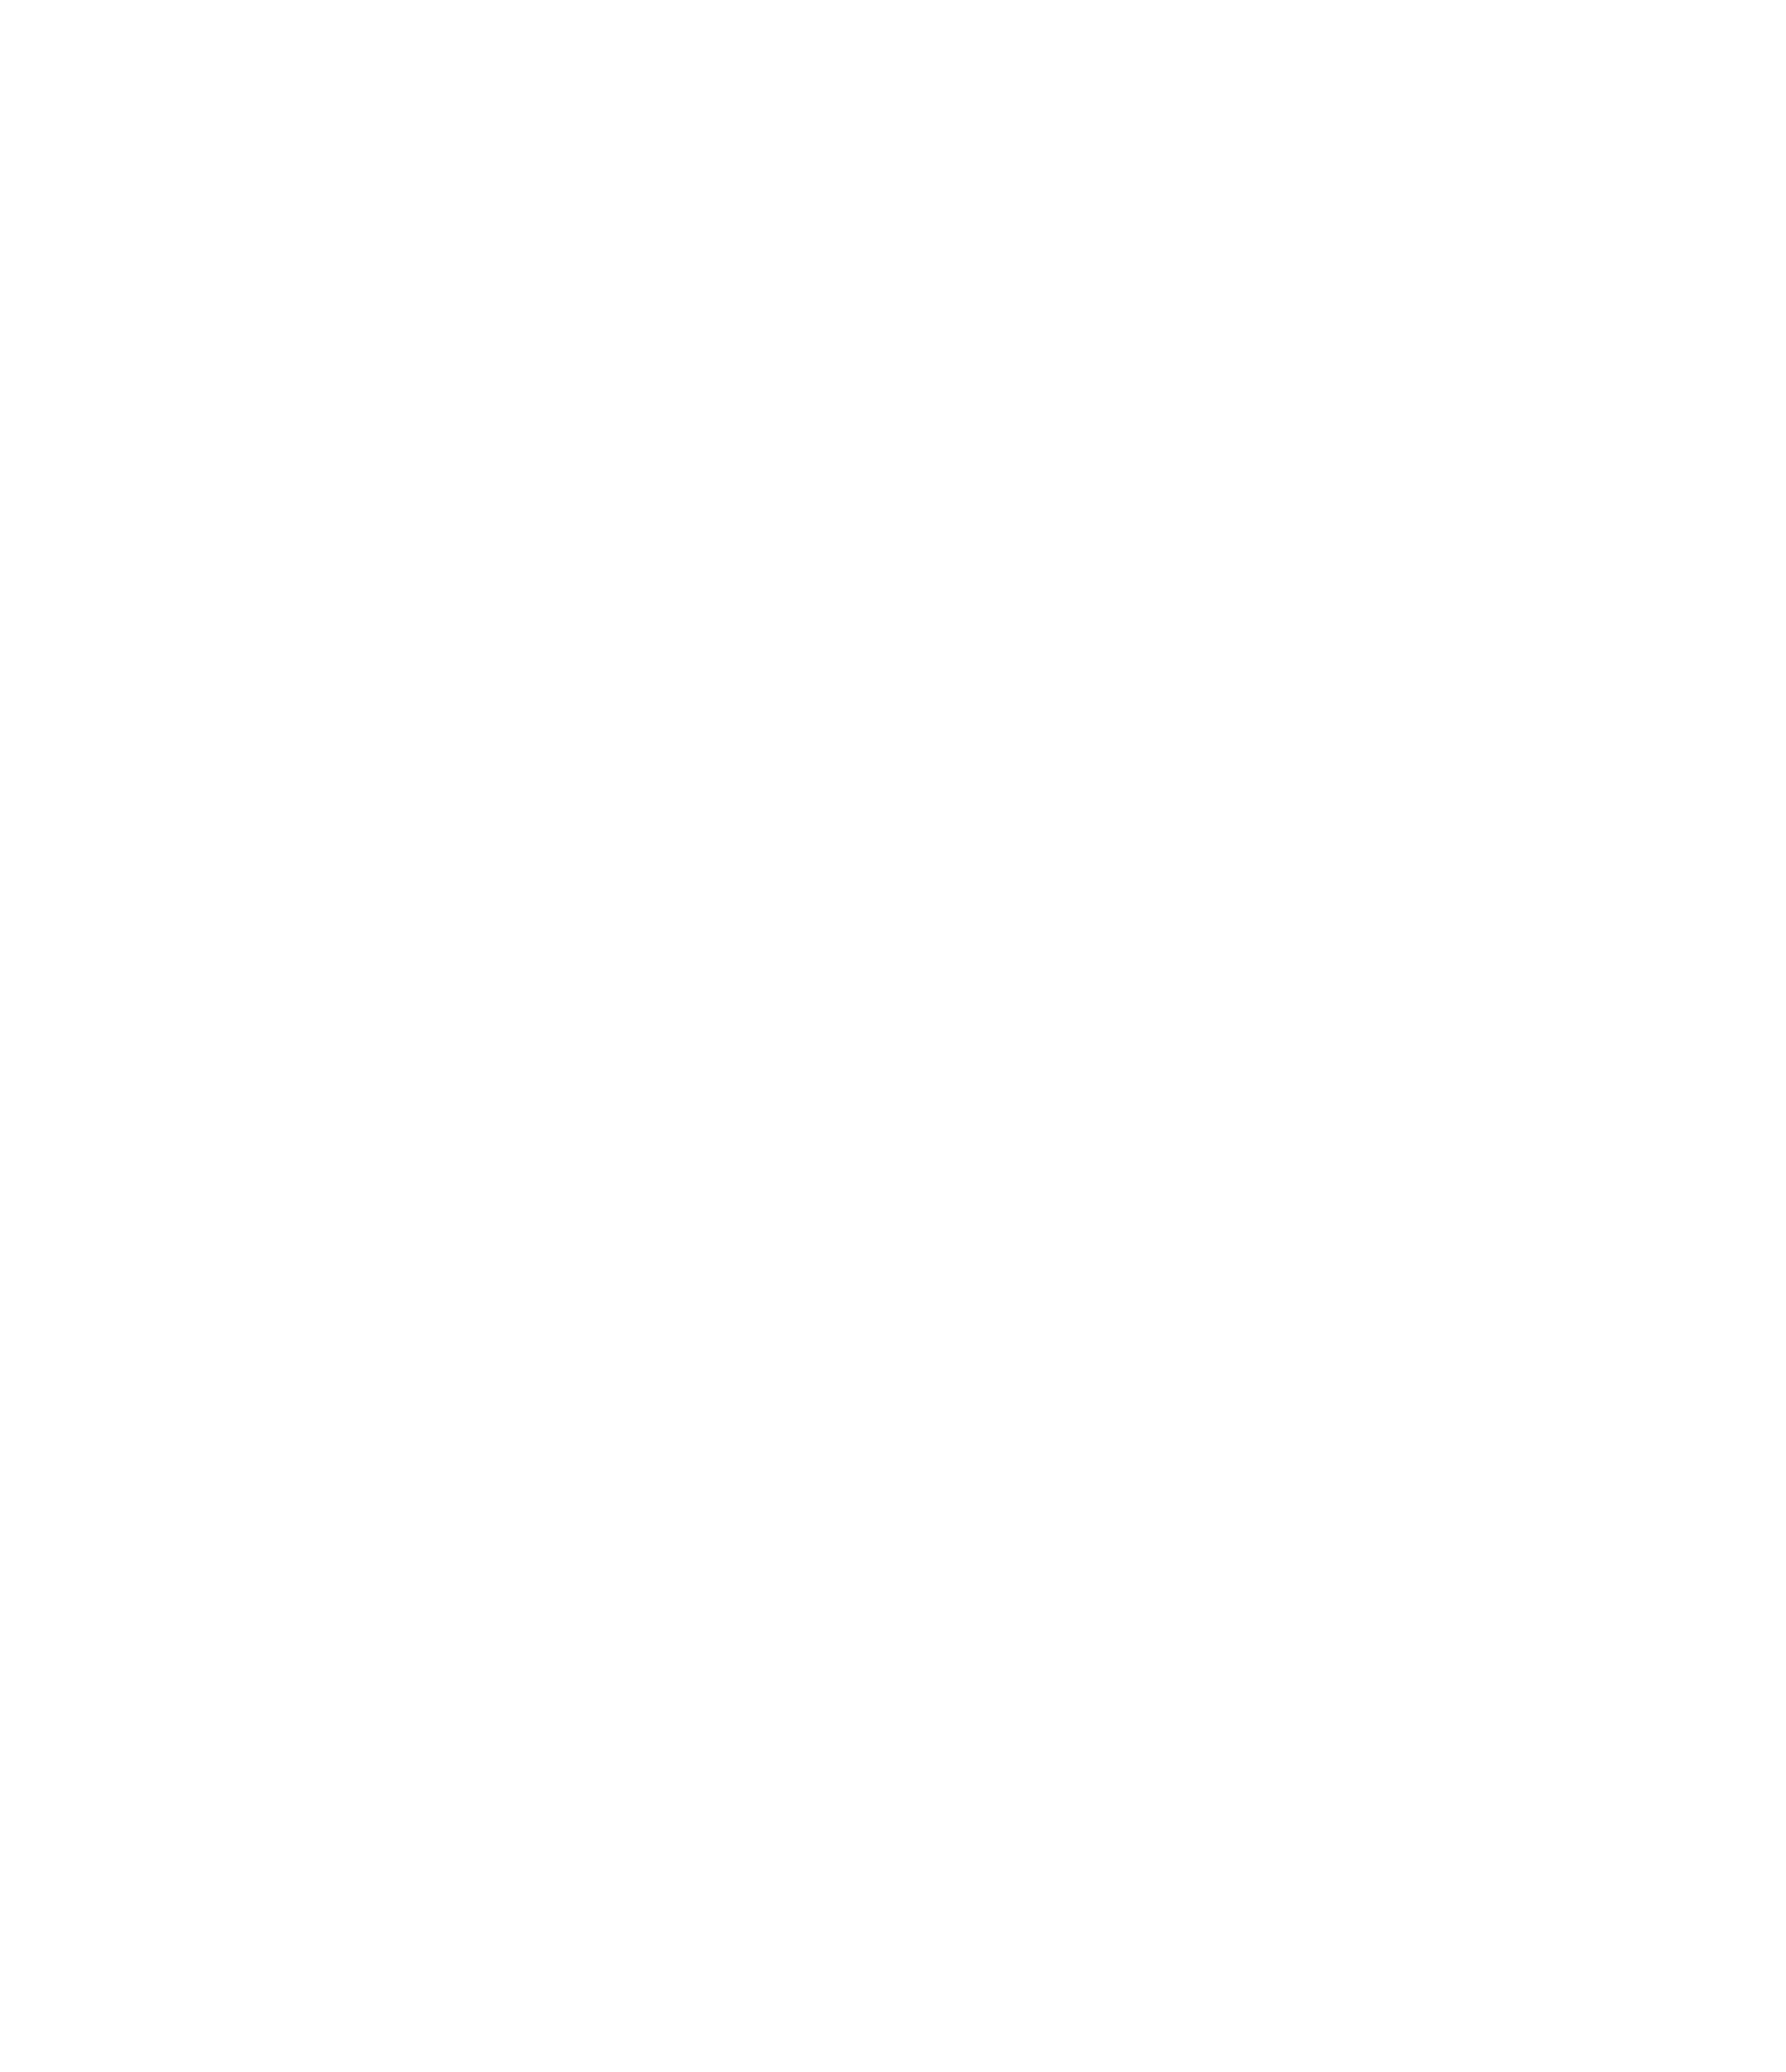 public-civil - white w text.png